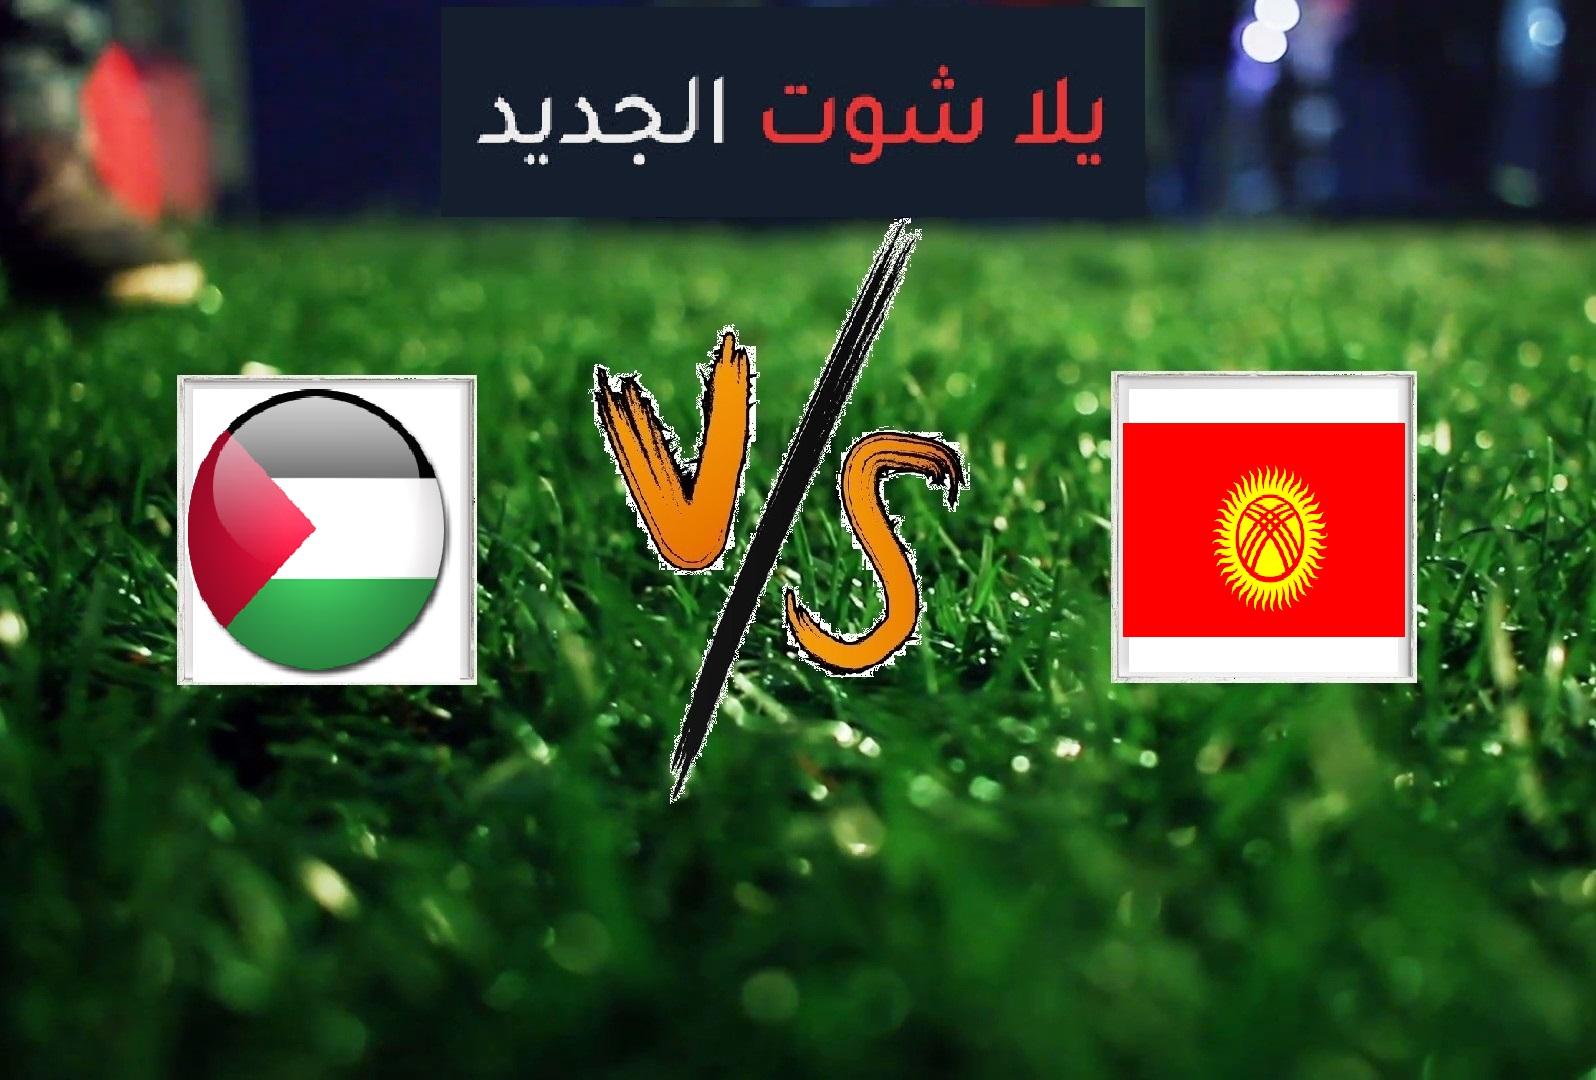 نتيجة مباراة فلسطين وقيرغستان اليوم الثلاثاء 11-06-2019 مباراة ودية